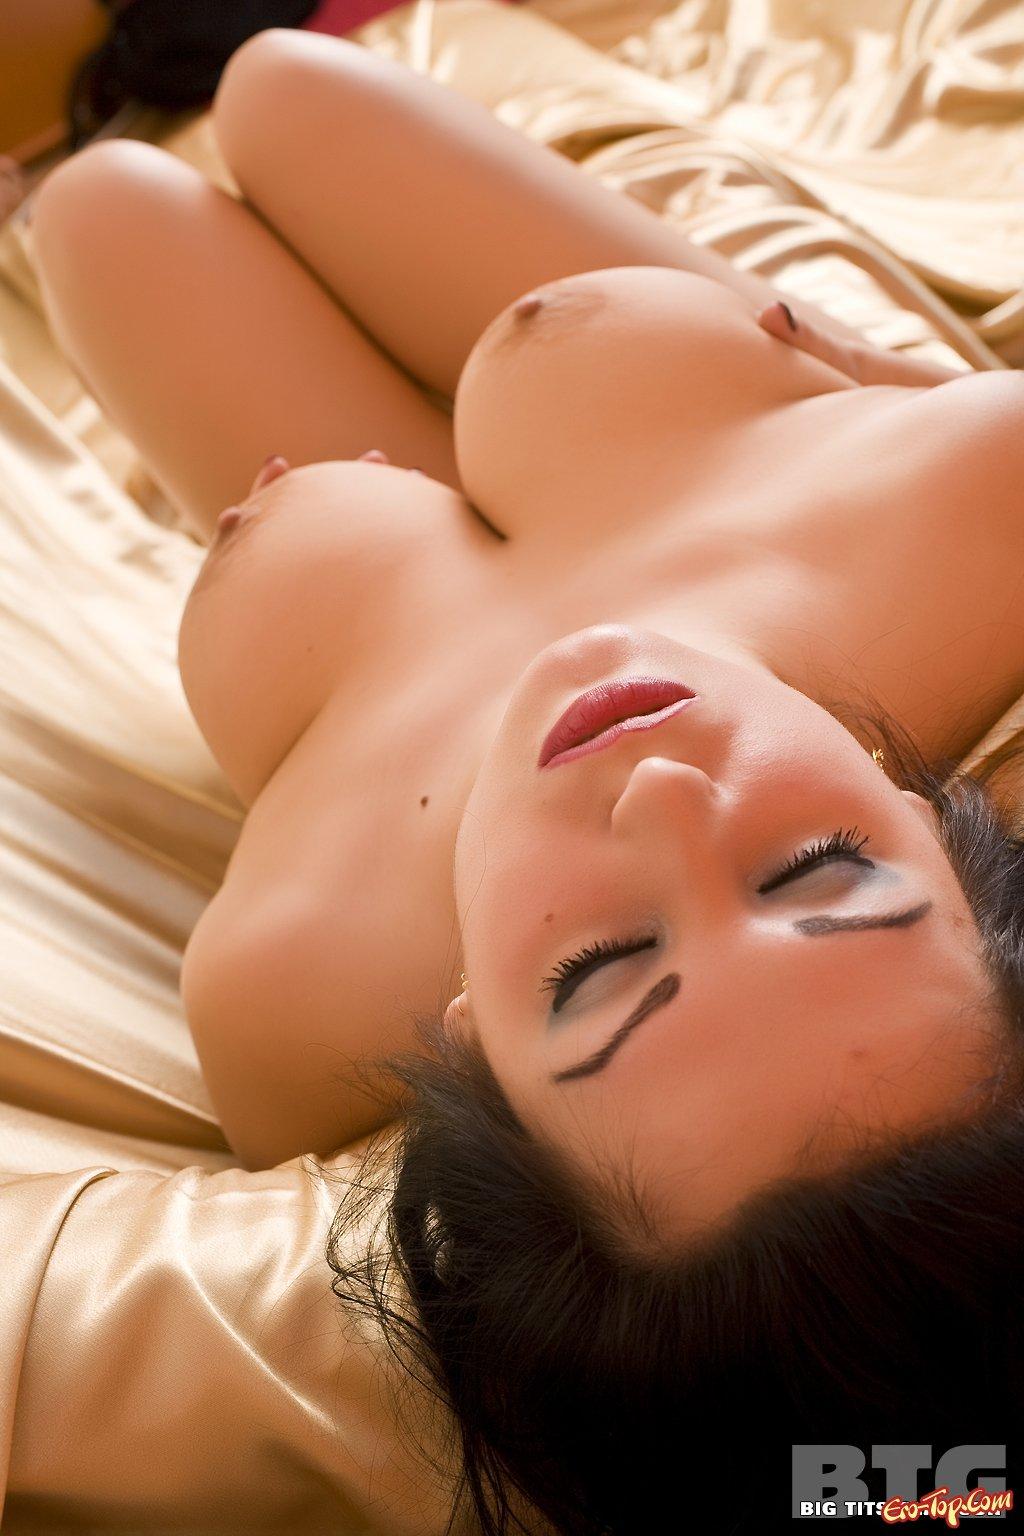 Пухлая сучка с крупным бюстом смотреть эротику